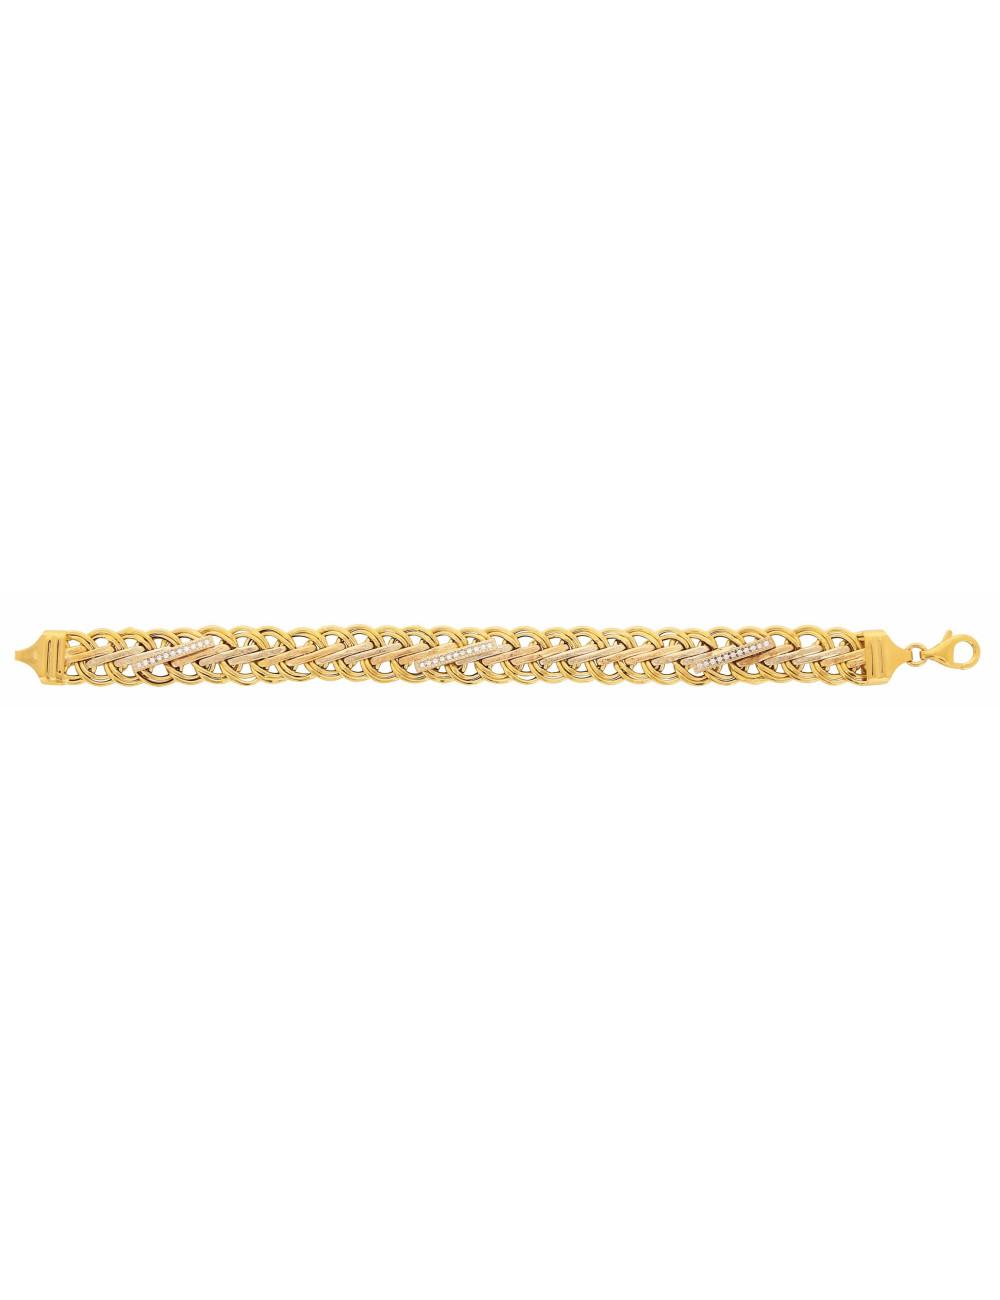 Bracelet maille femme or jaune 18 carats